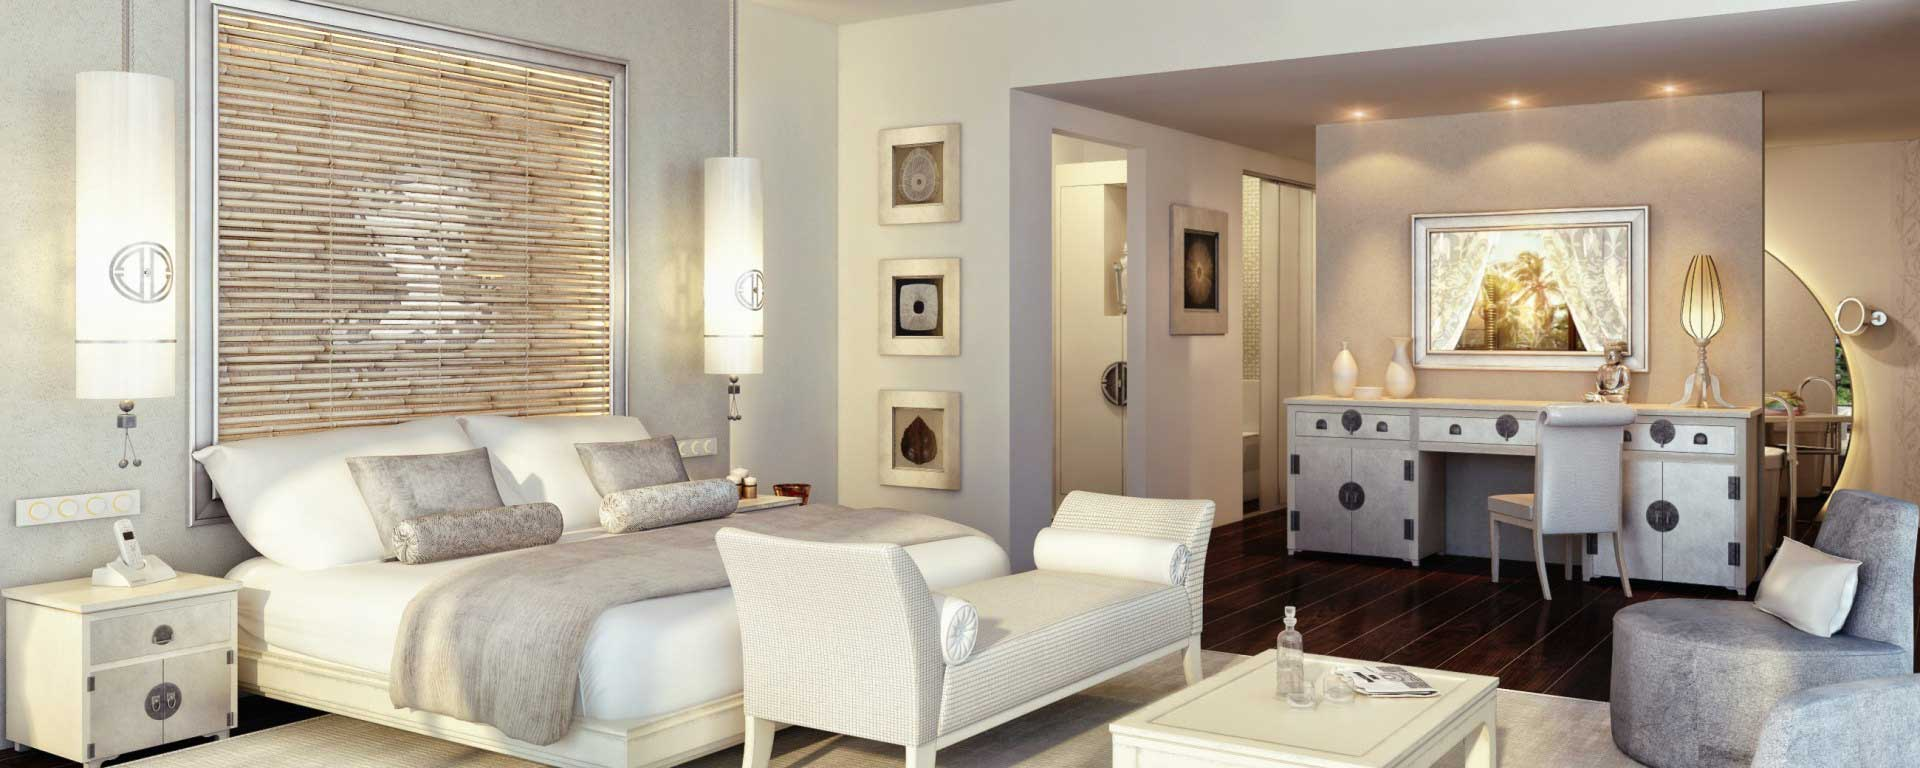 Дизайнерский-ремонт-однокомнатной-квартиры